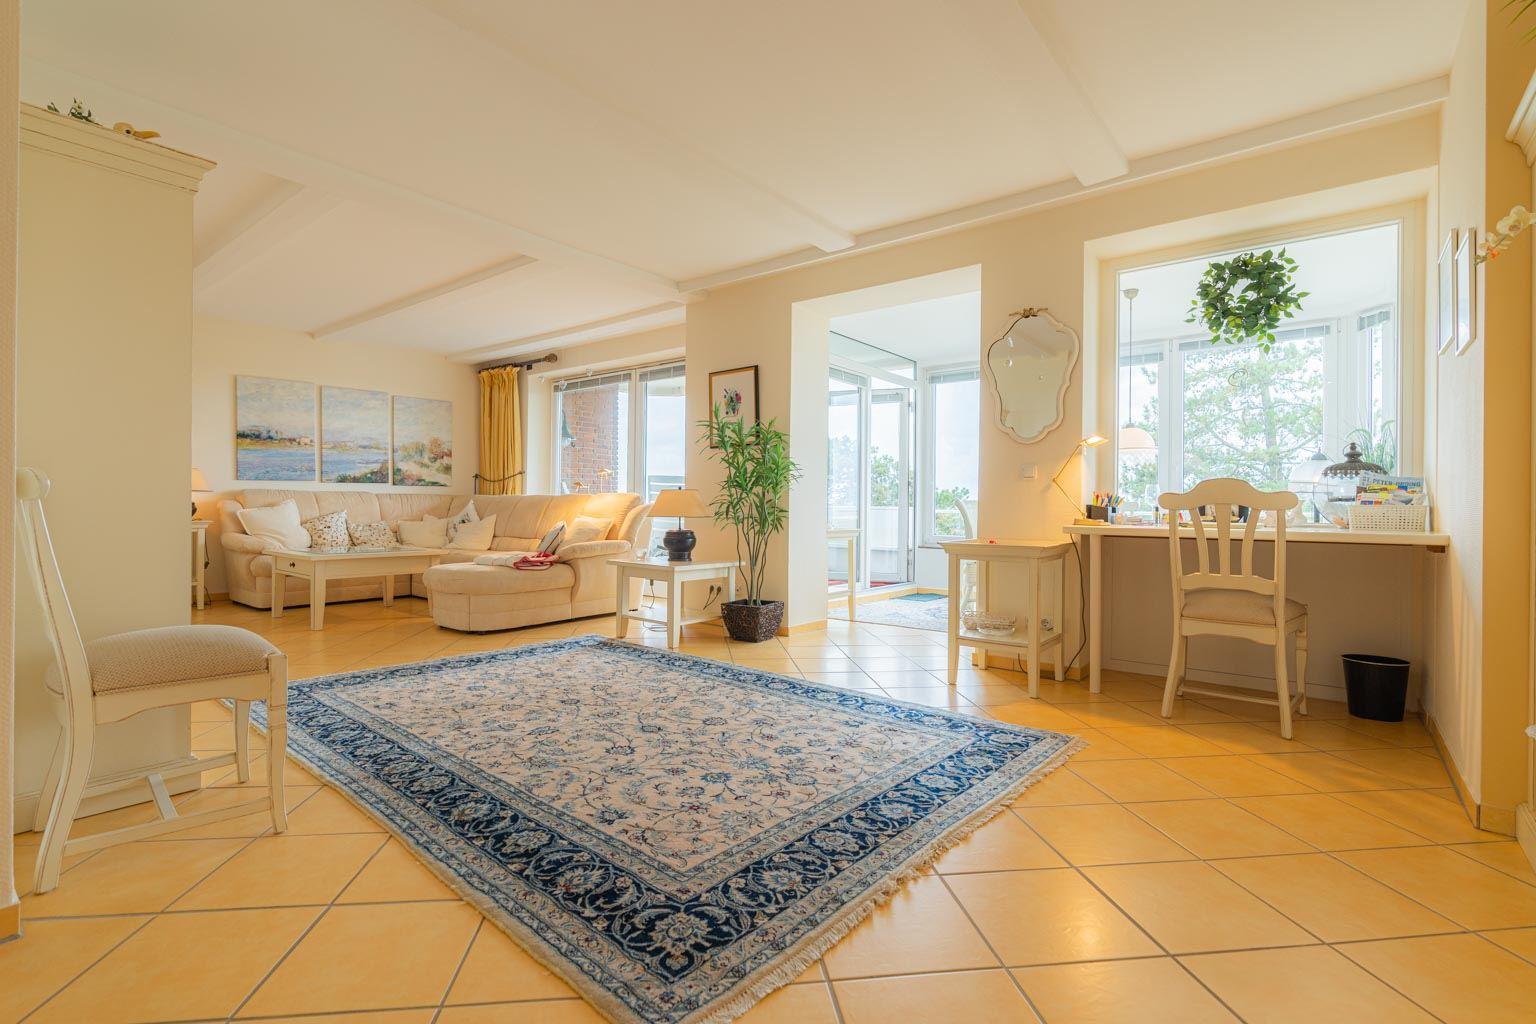 Wohnzimmer mit Wintergarten-Balkon